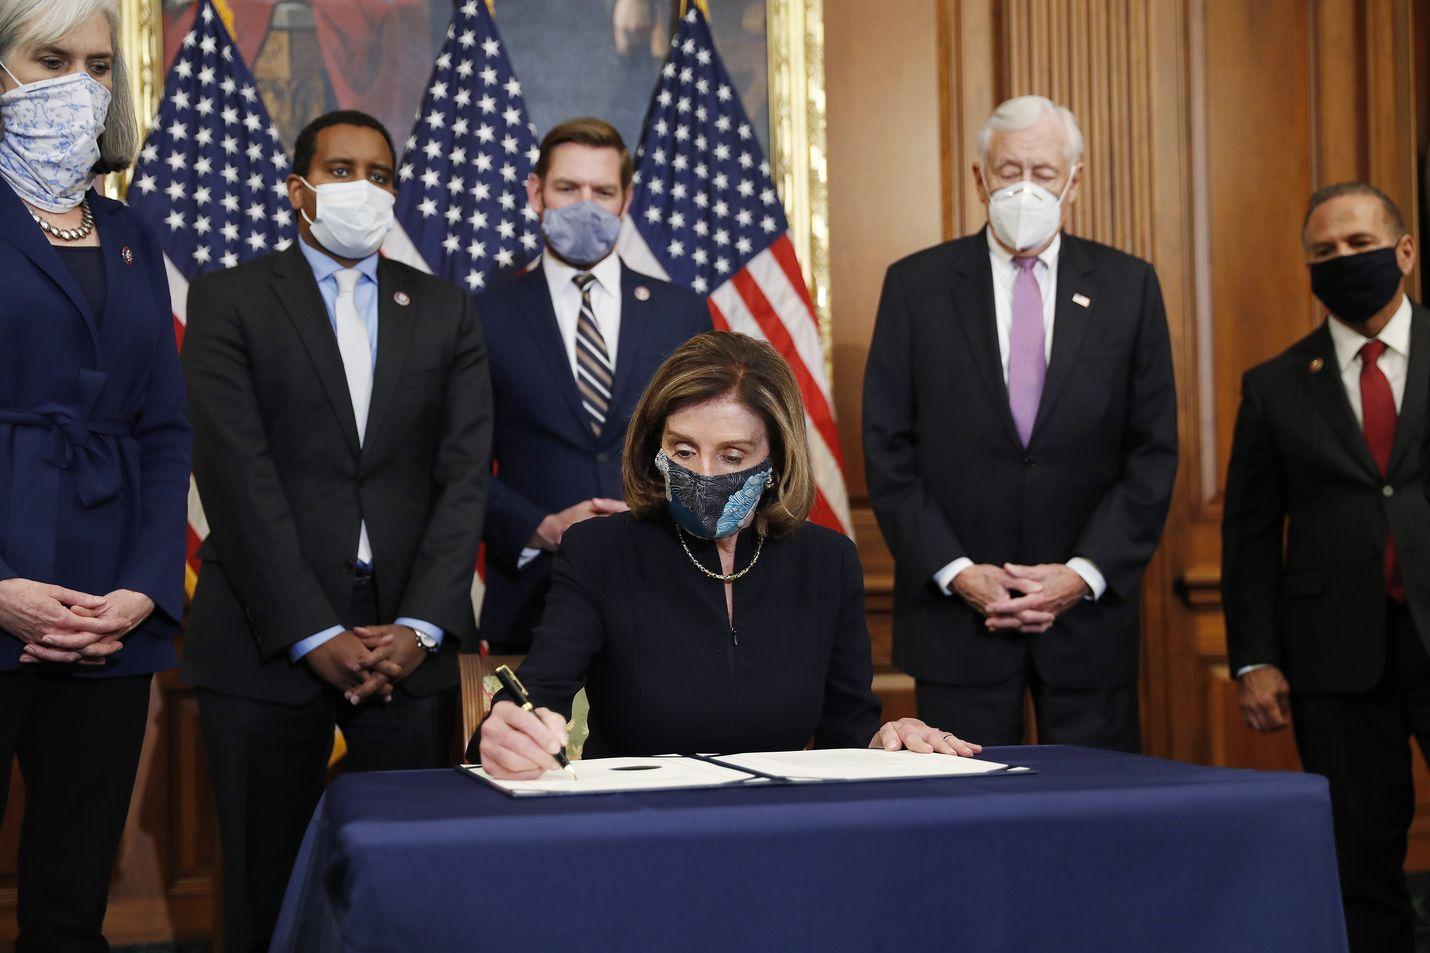 Edustajainhuoneen puhemies Nancy Pelosi allekirjoitti Trumpia vastaan nostetun virkarikossyytteen keskiviikkona kongressissa.